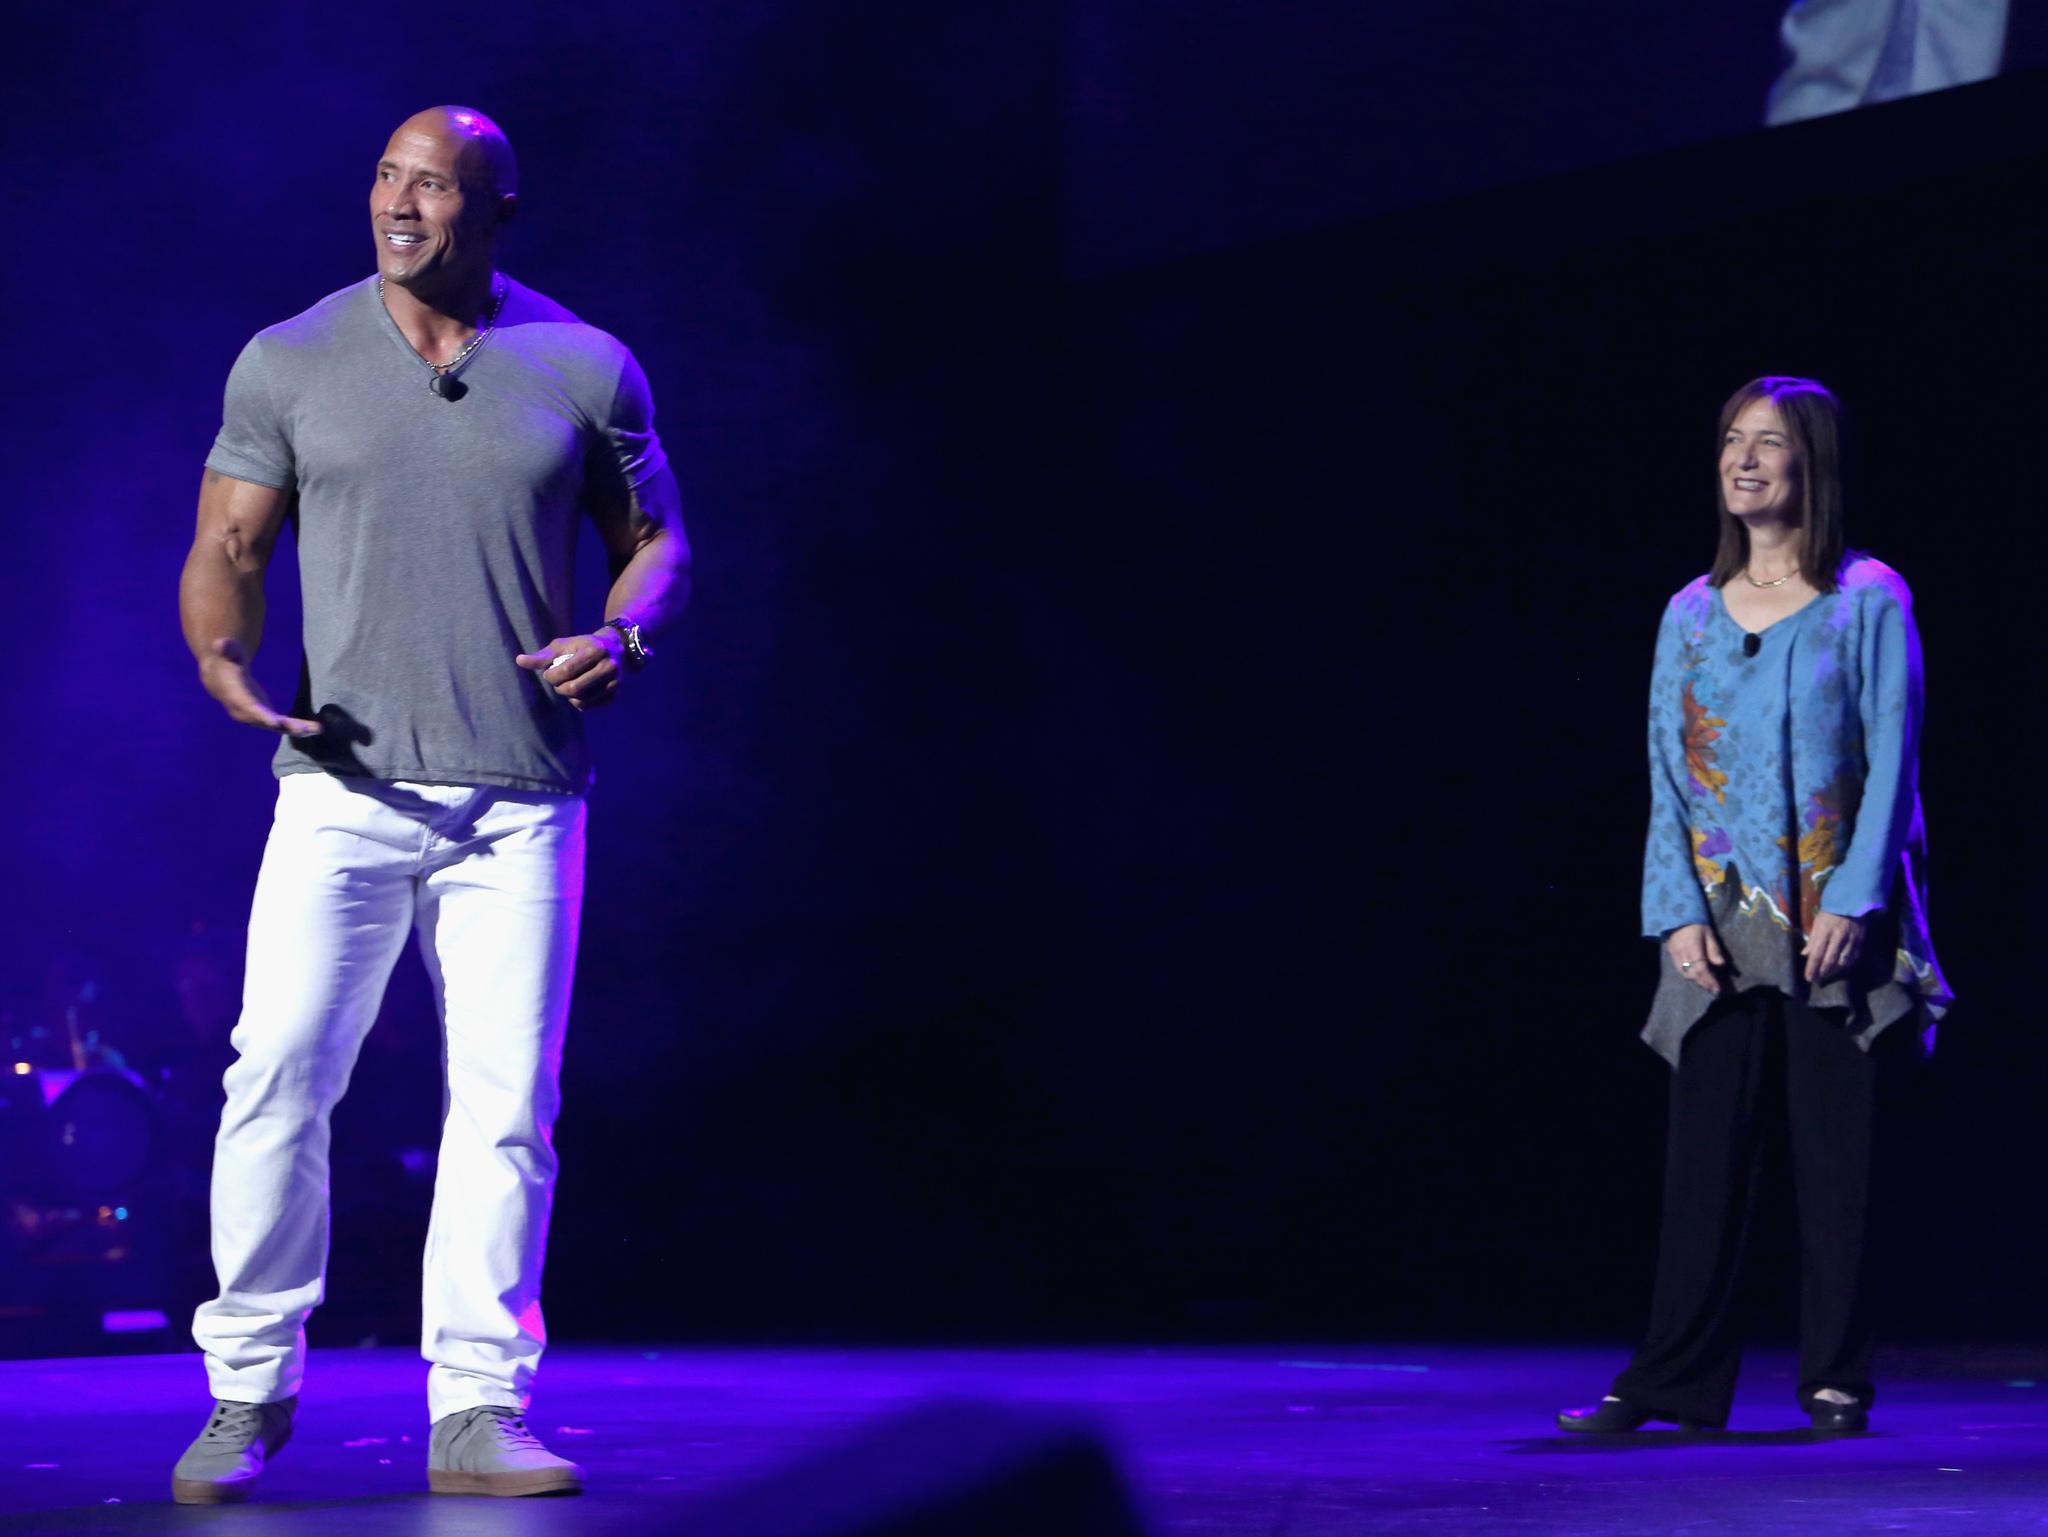 Dwayne Johnson and Osnat Shurer